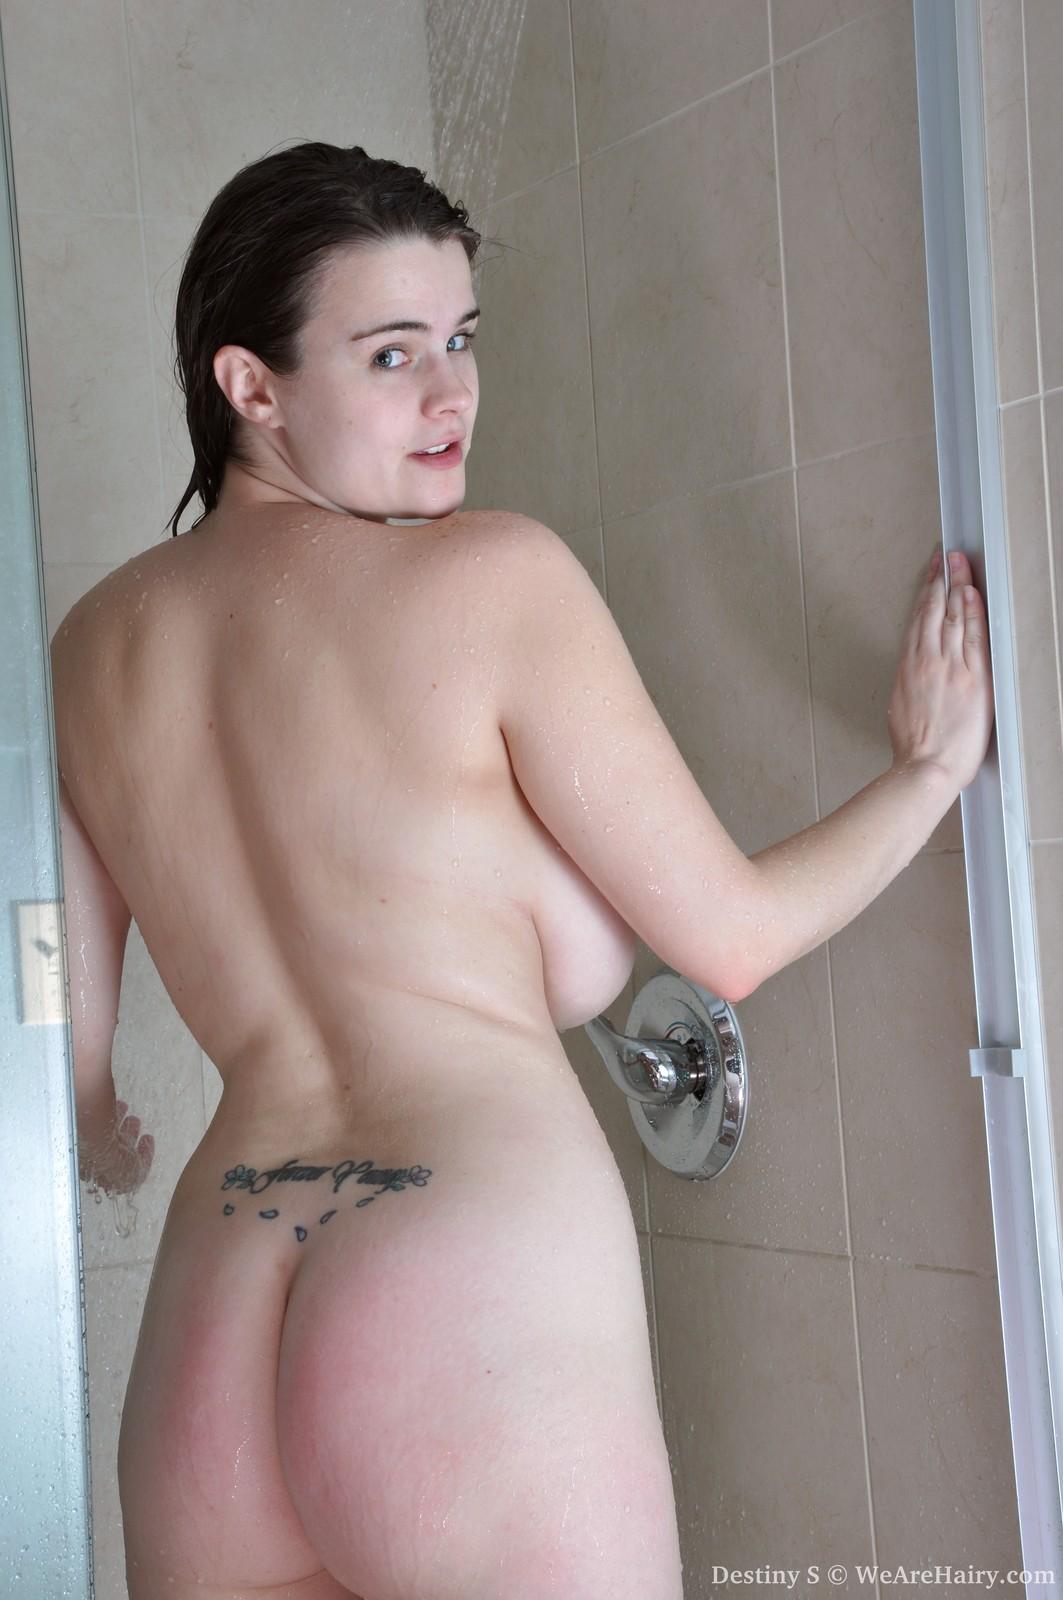 golie-volosatie-v-dushe